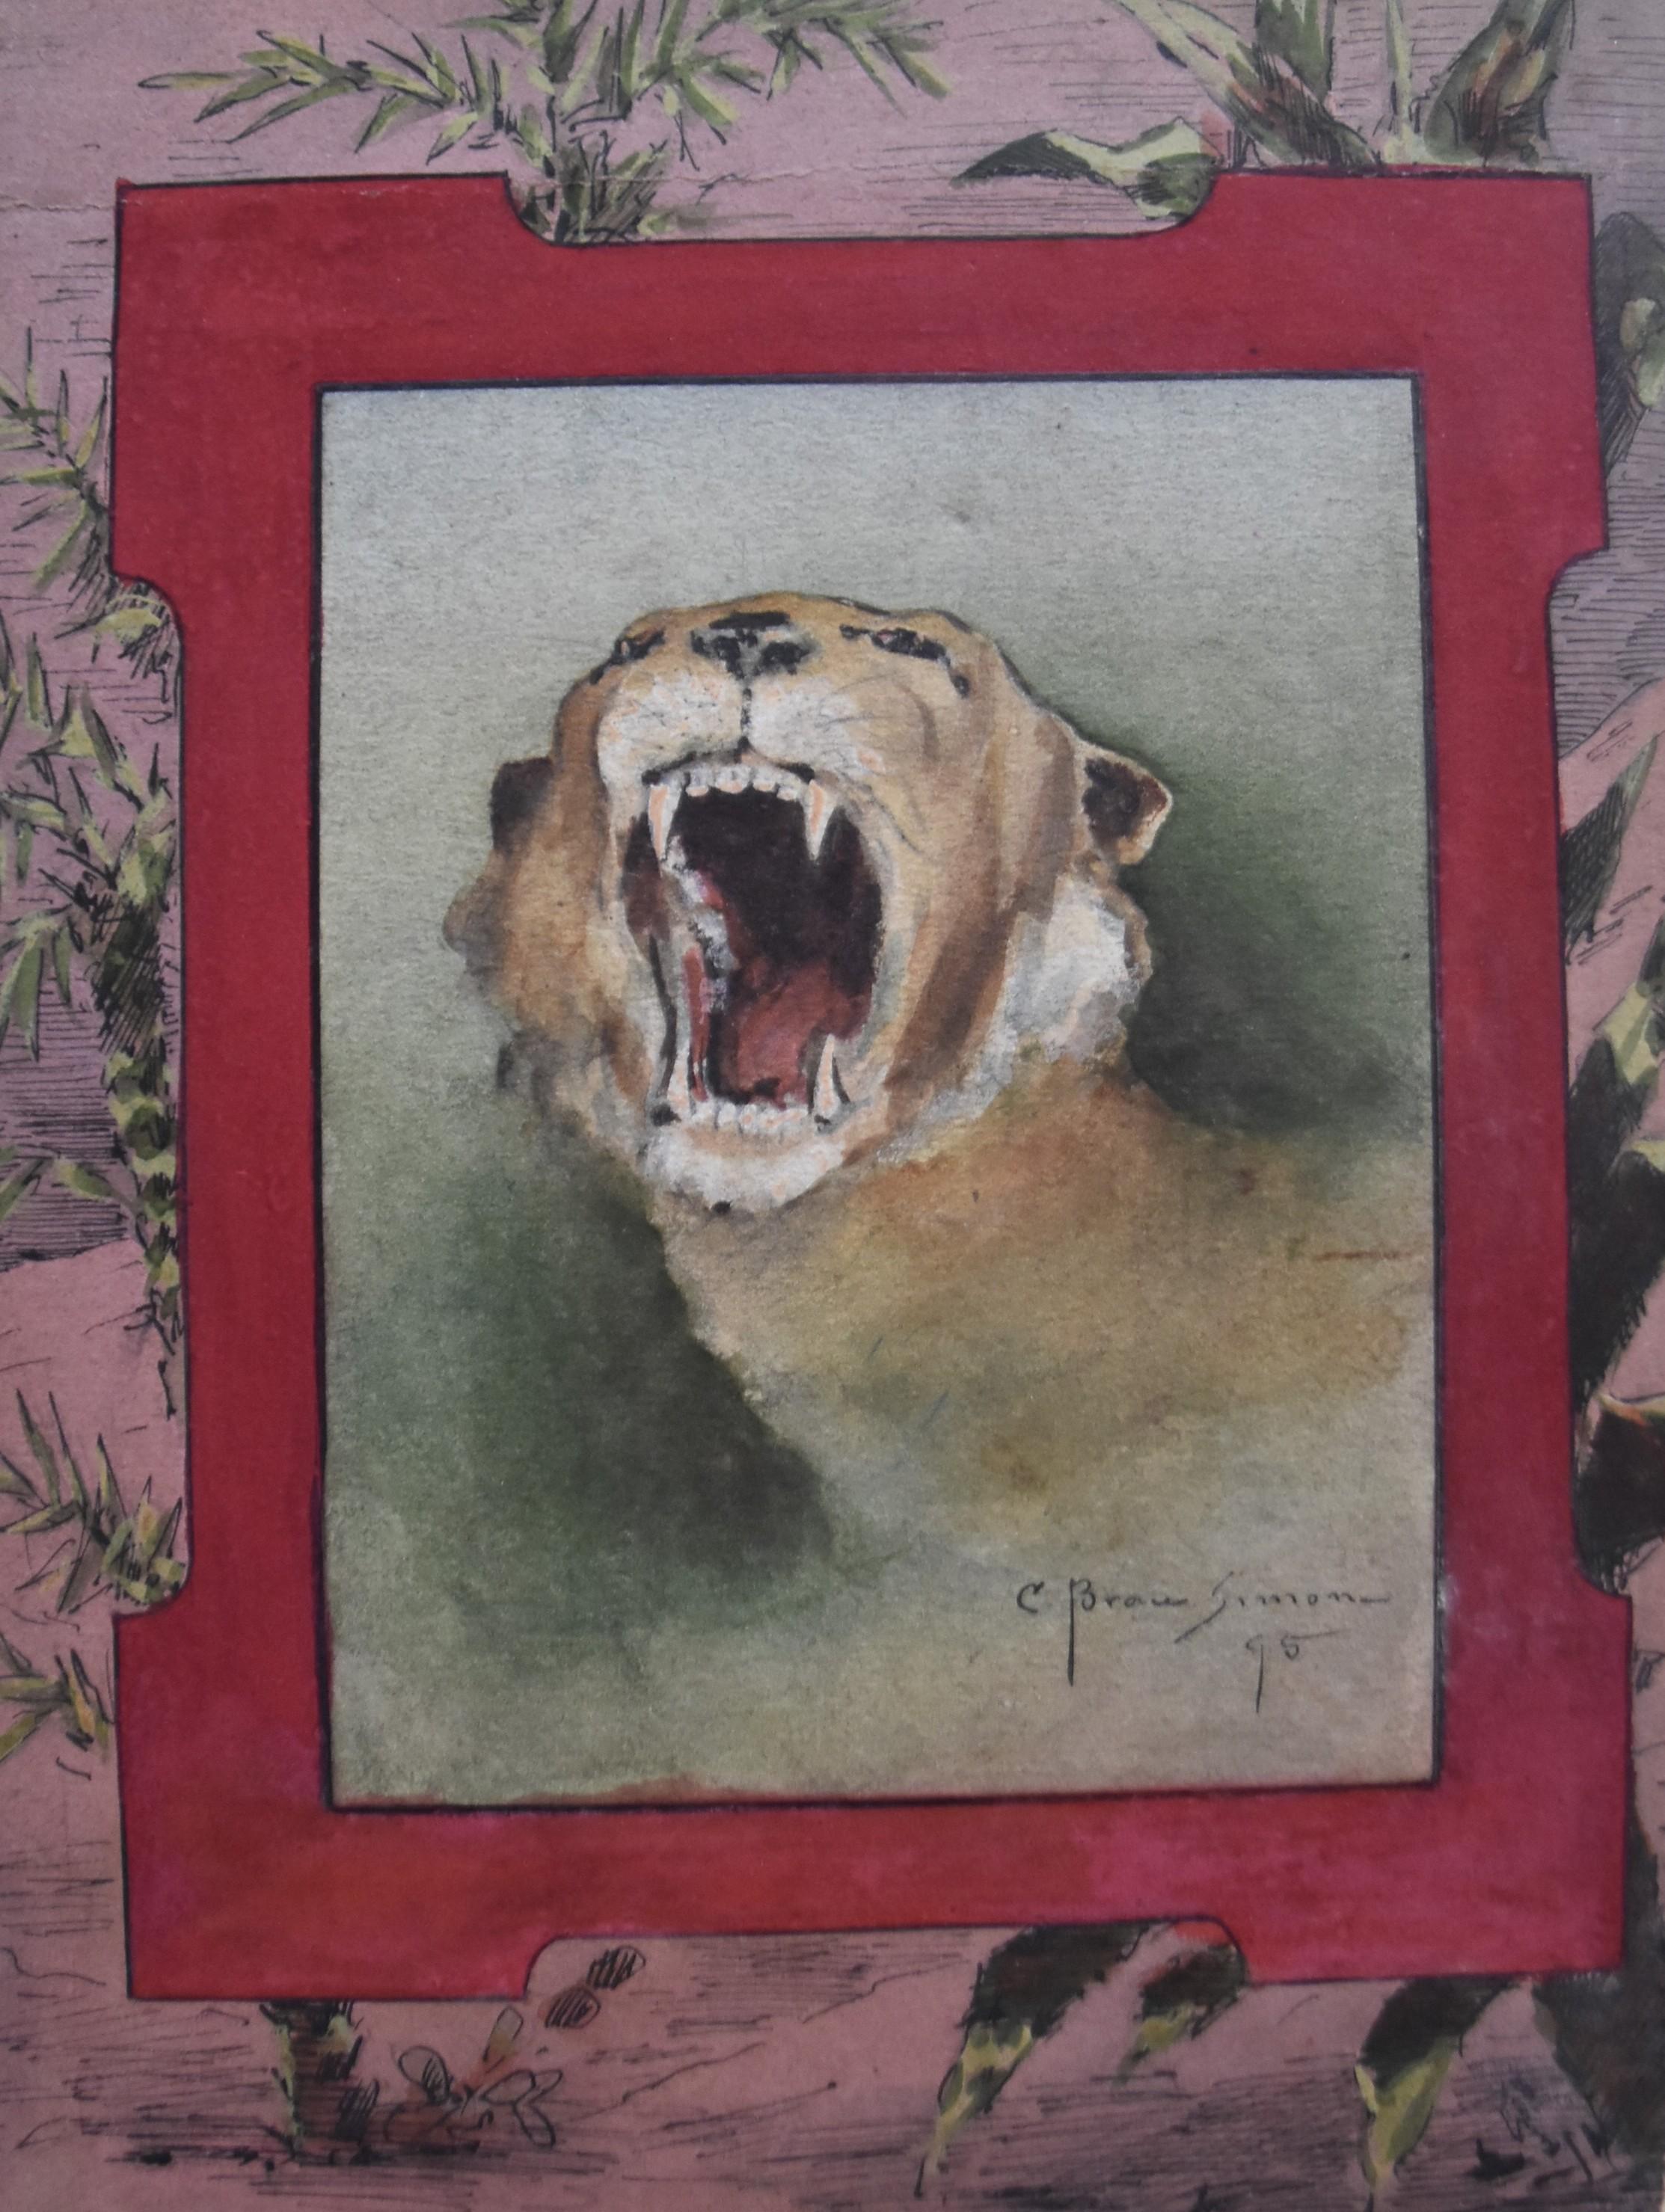 Casimir Brau-Simon, A roaring Cougar, 1895, watercolor